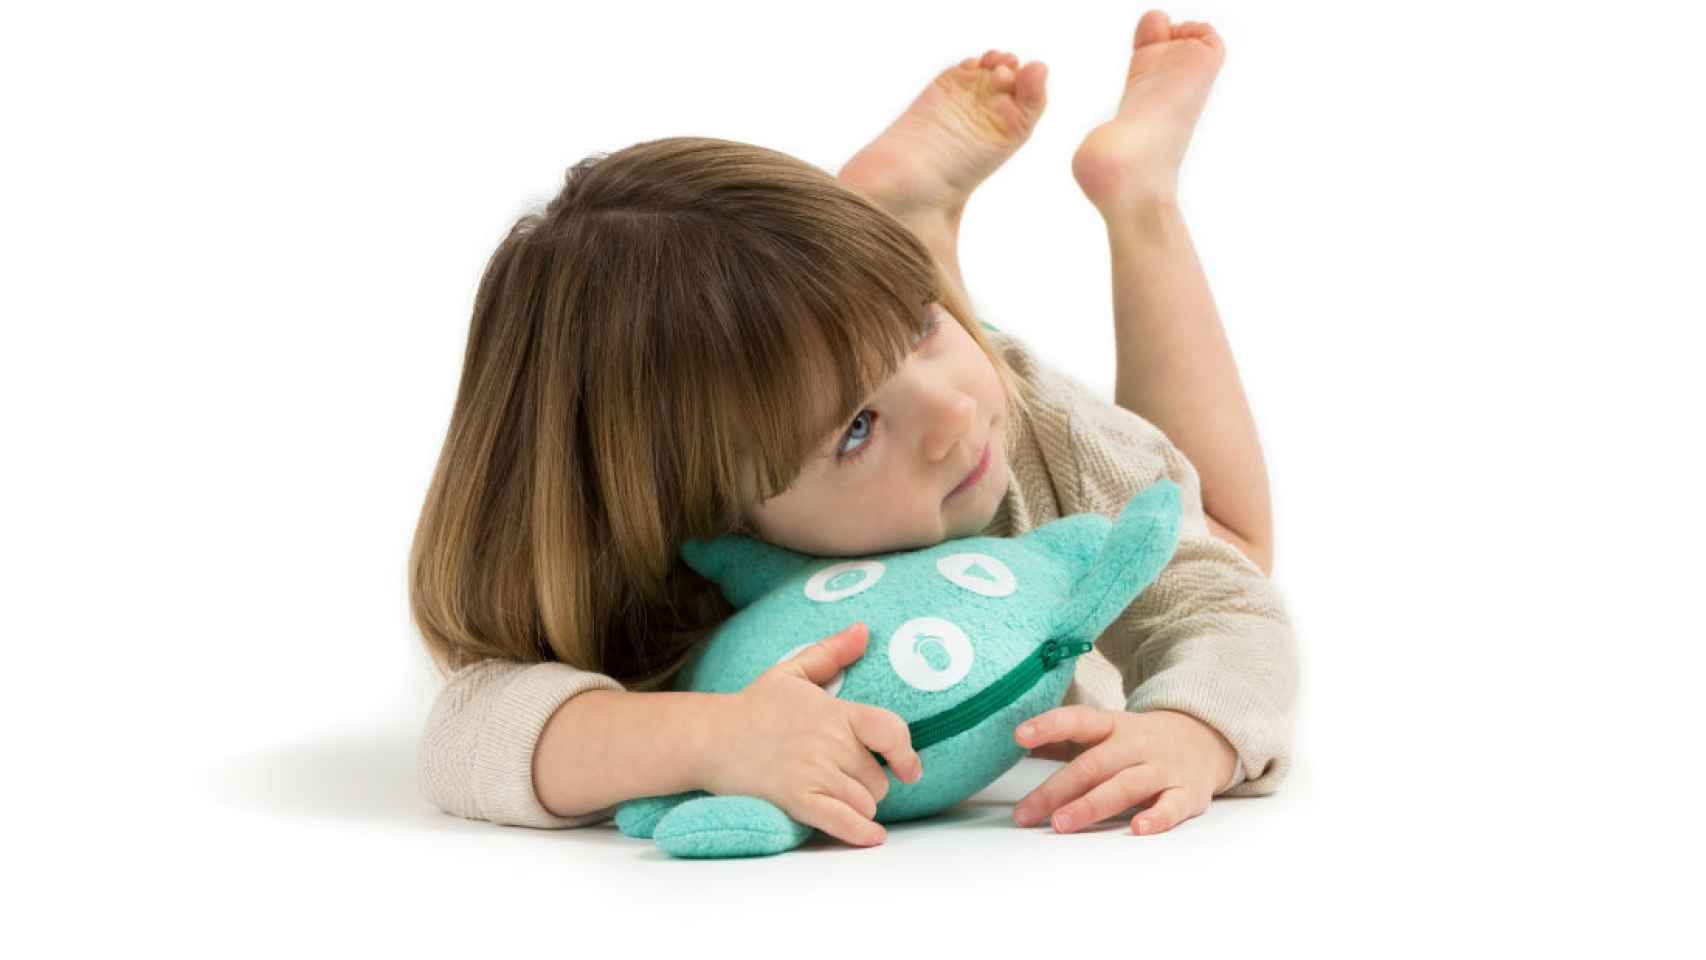 Una niña juega con uno de los muñecos. / Toymail